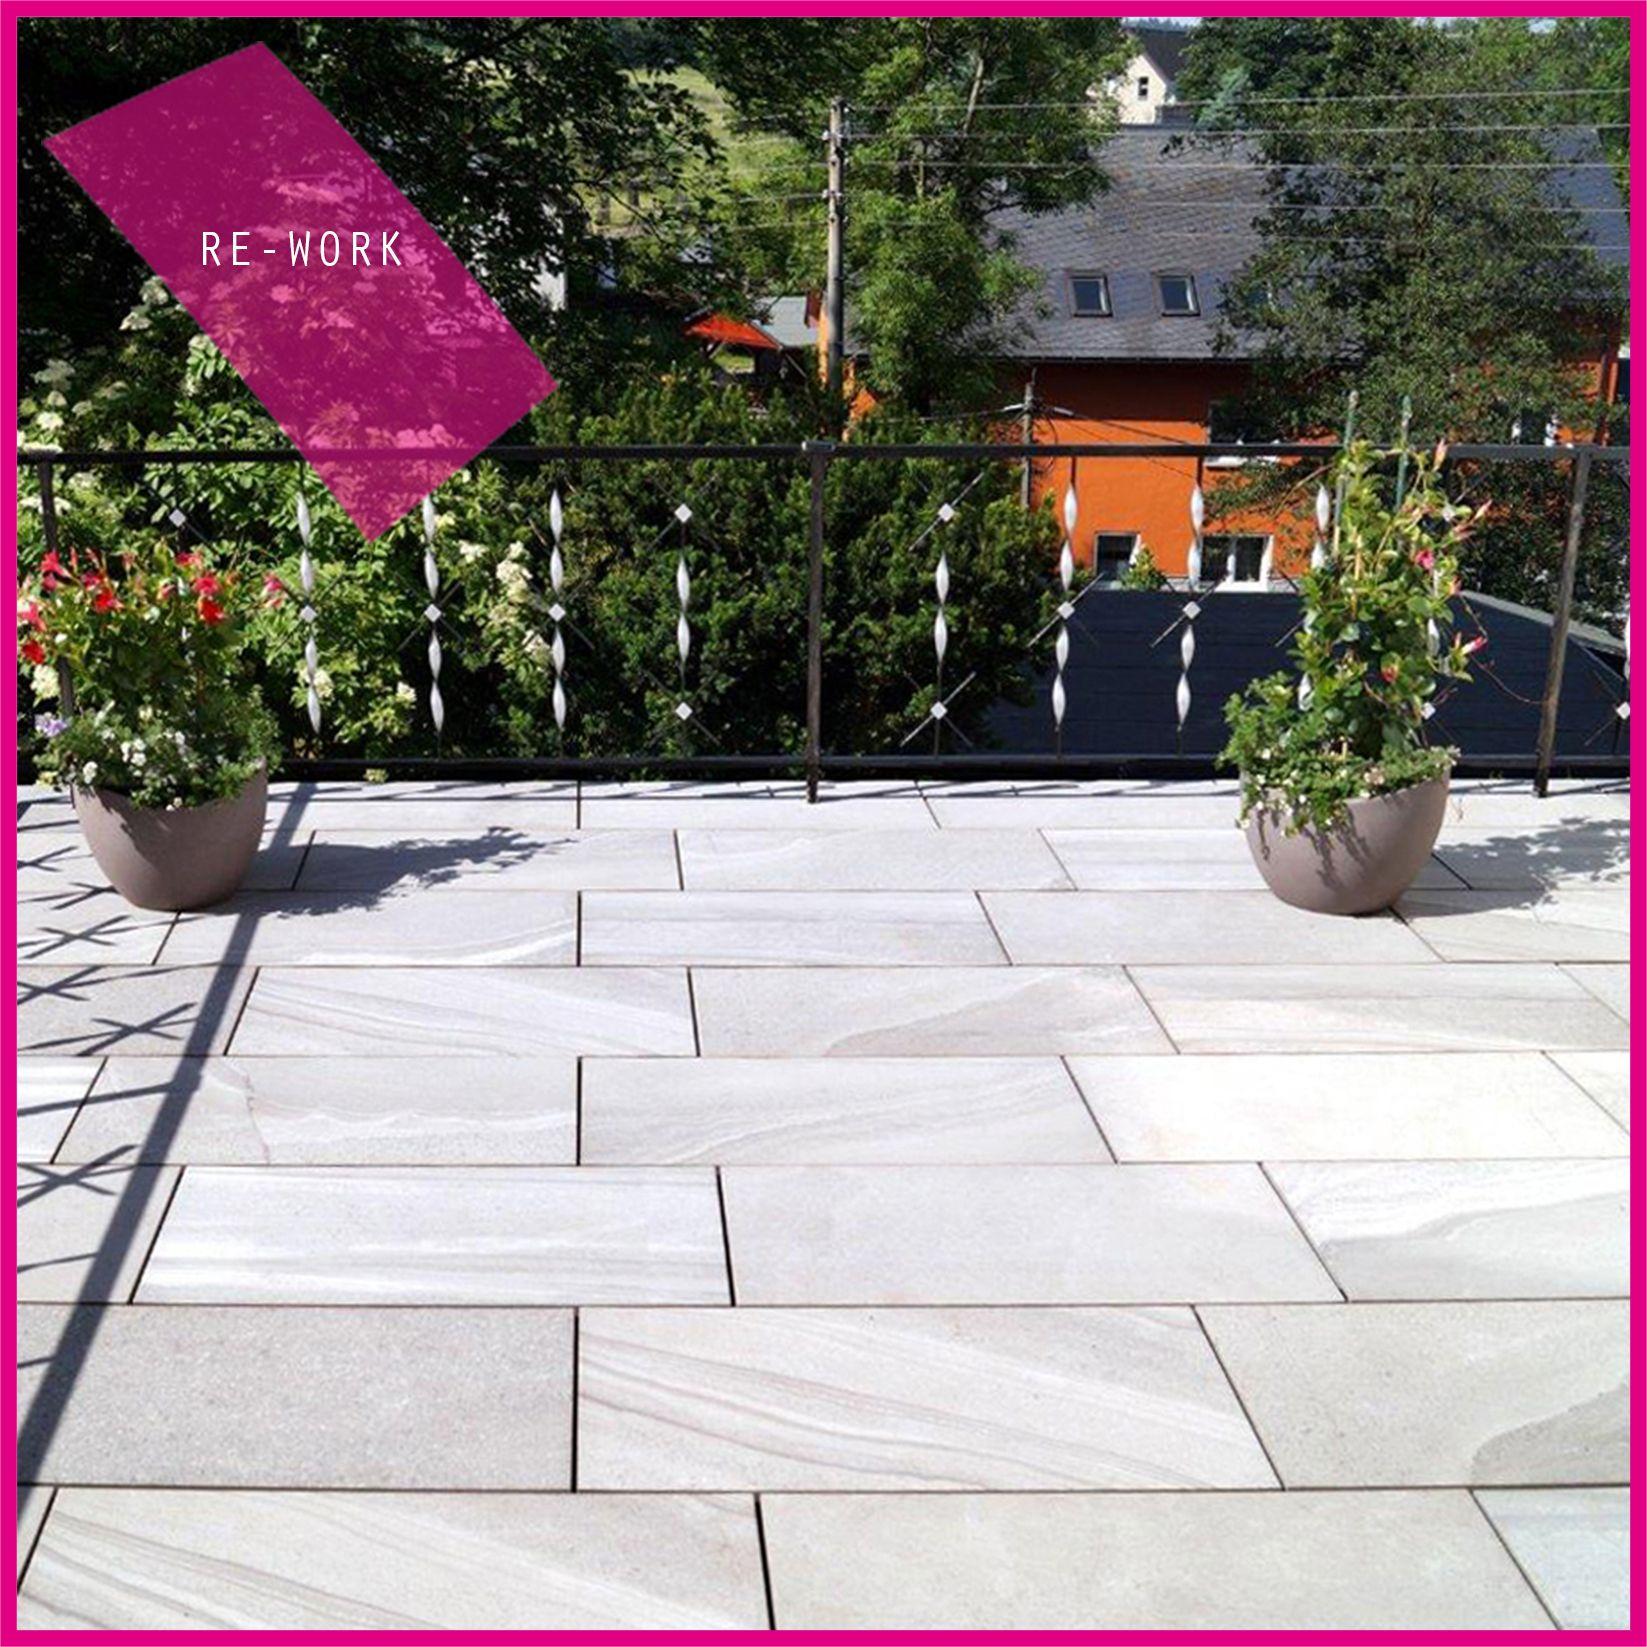 terrazzo con la nostra collezione re-work // #terrace with our re